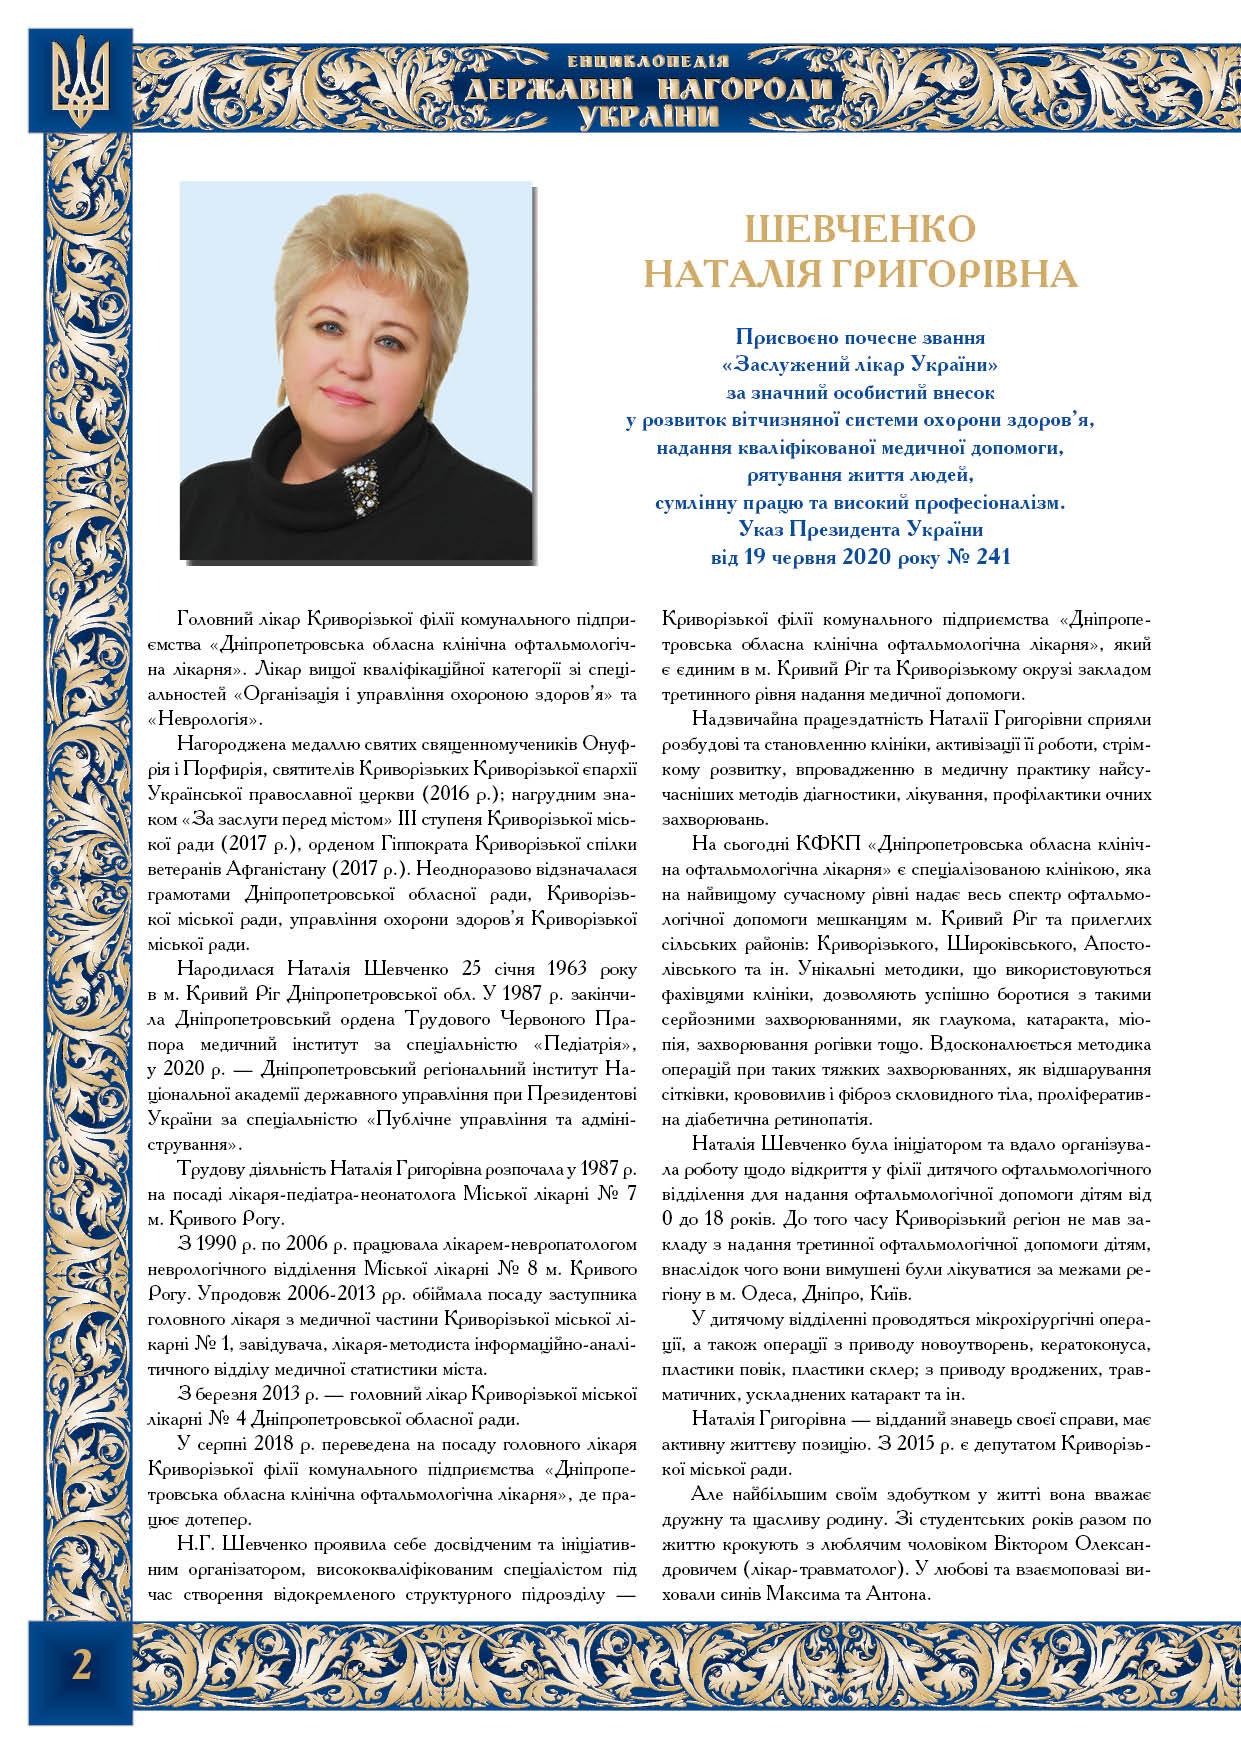 Шевченко Наталiя Григорiвна